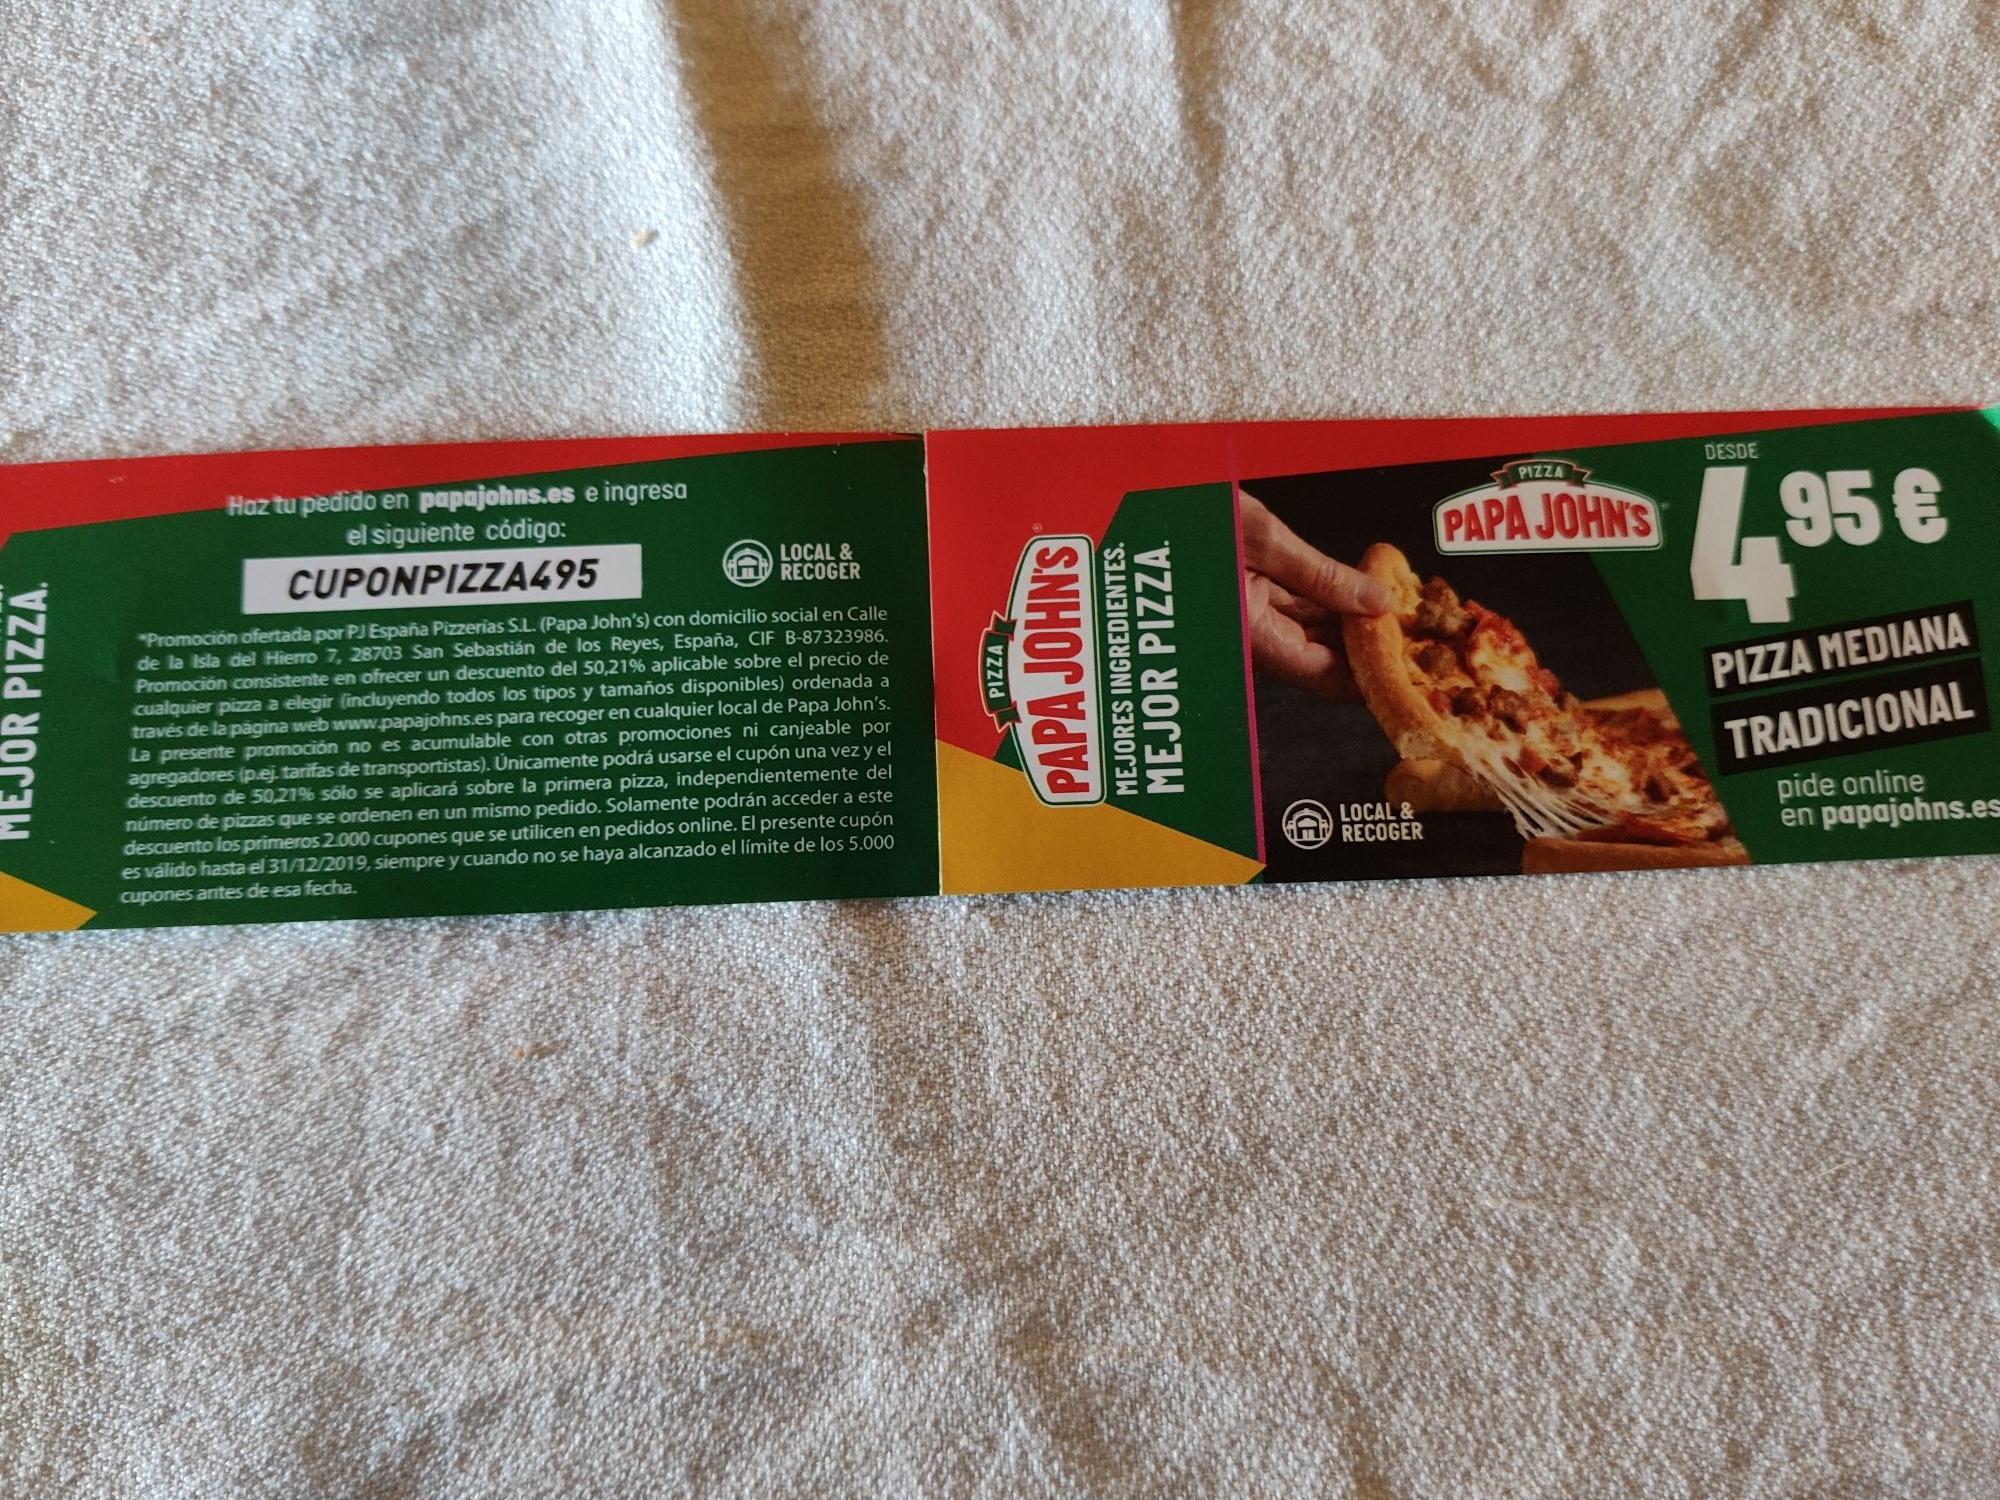 Pizza papa Johns por 4'95